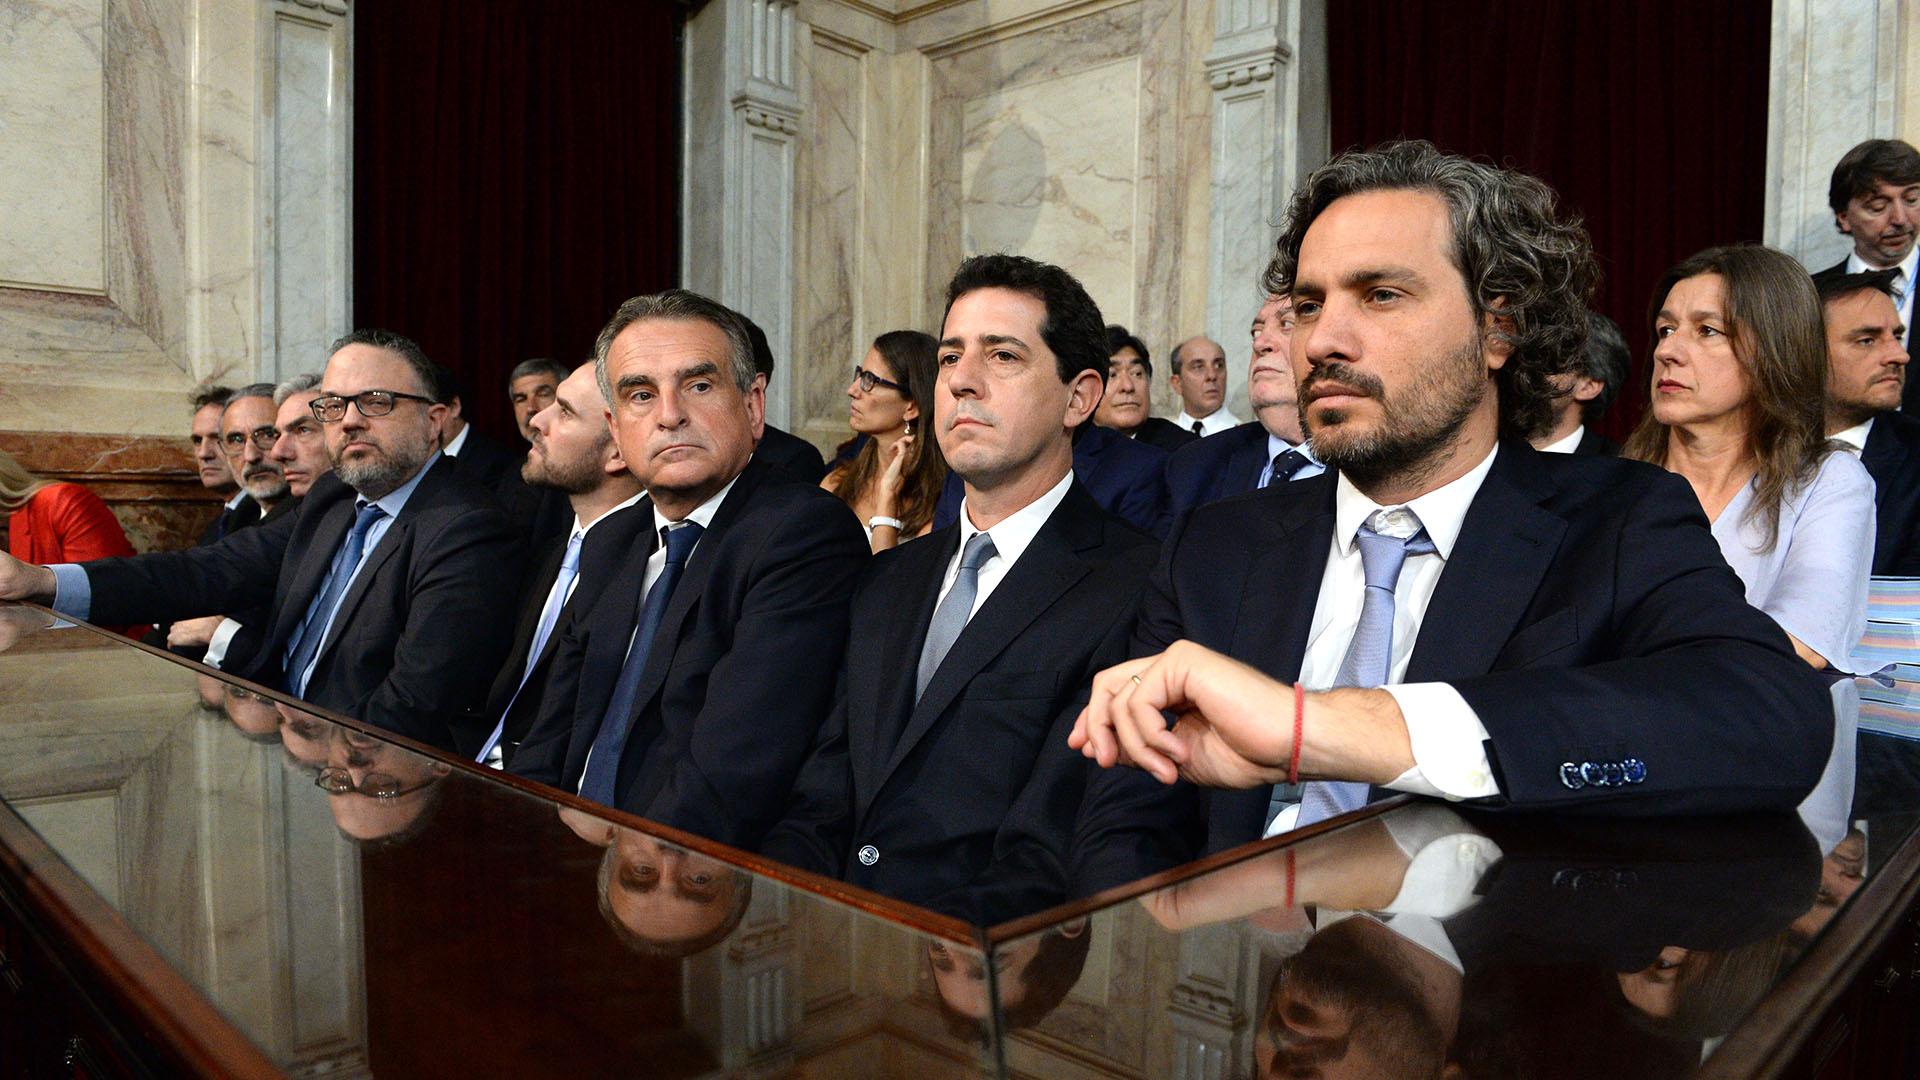 Santiago Cafiero, Wado de Pedro, Agustín Rossi, Martín Guzmán y Matías Kulfas, la primera línea del presidente Alberto Fernández